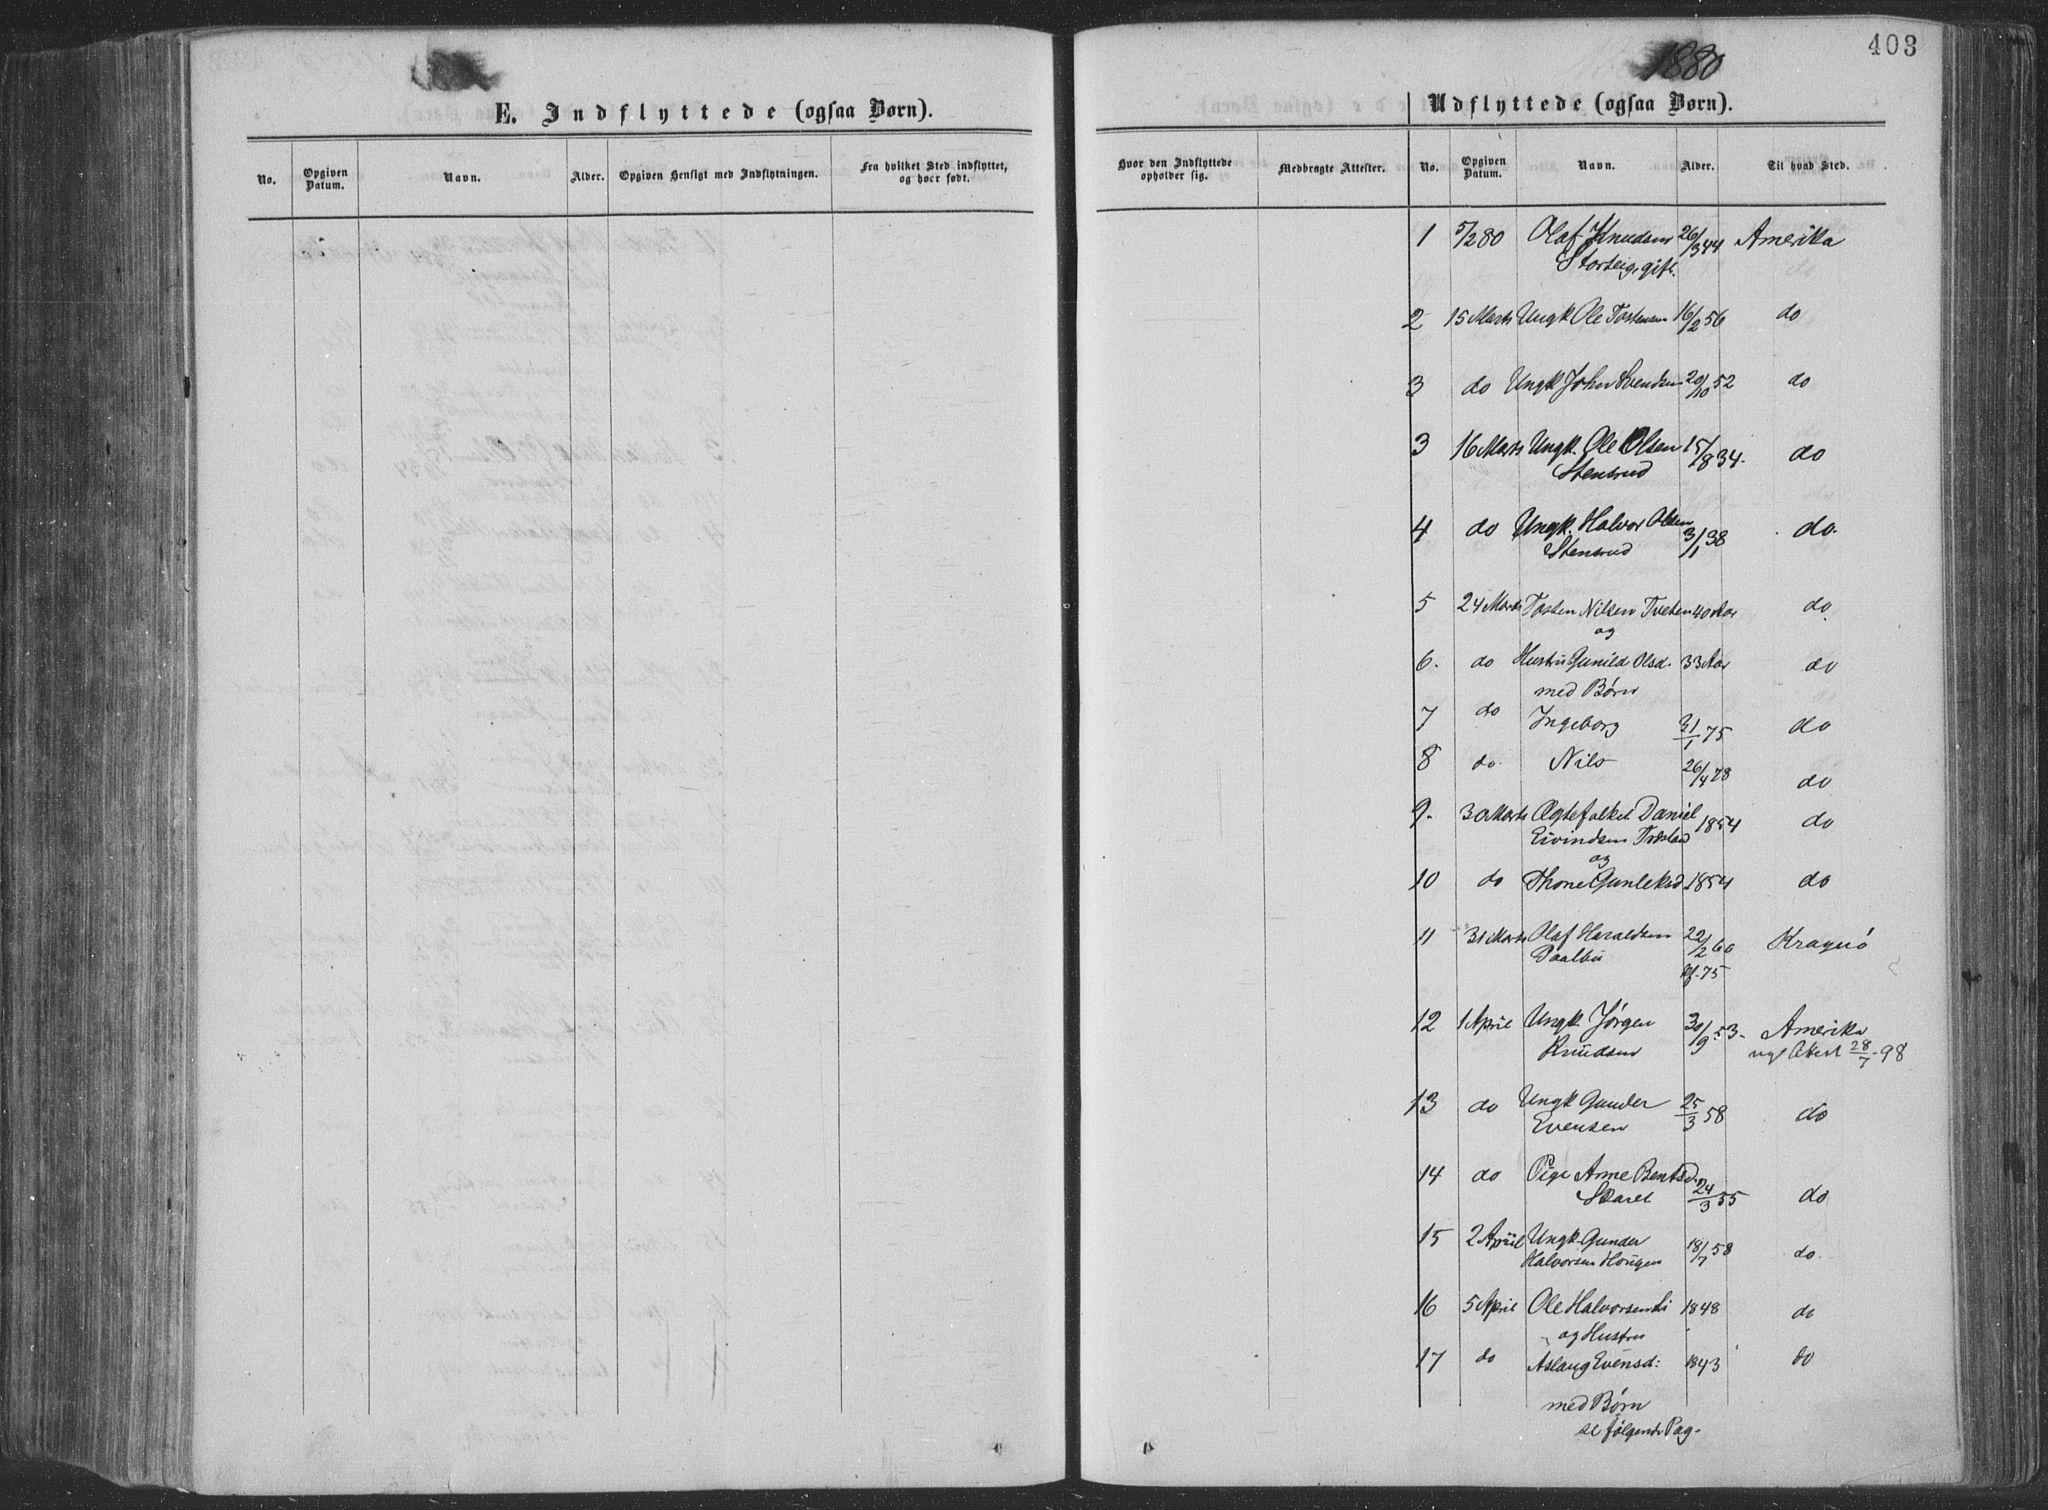 SAKO, Seljord kirkebøker, F/Fa/L0014: Ministerialbok nr. I 14, 1877-1886, s. 403